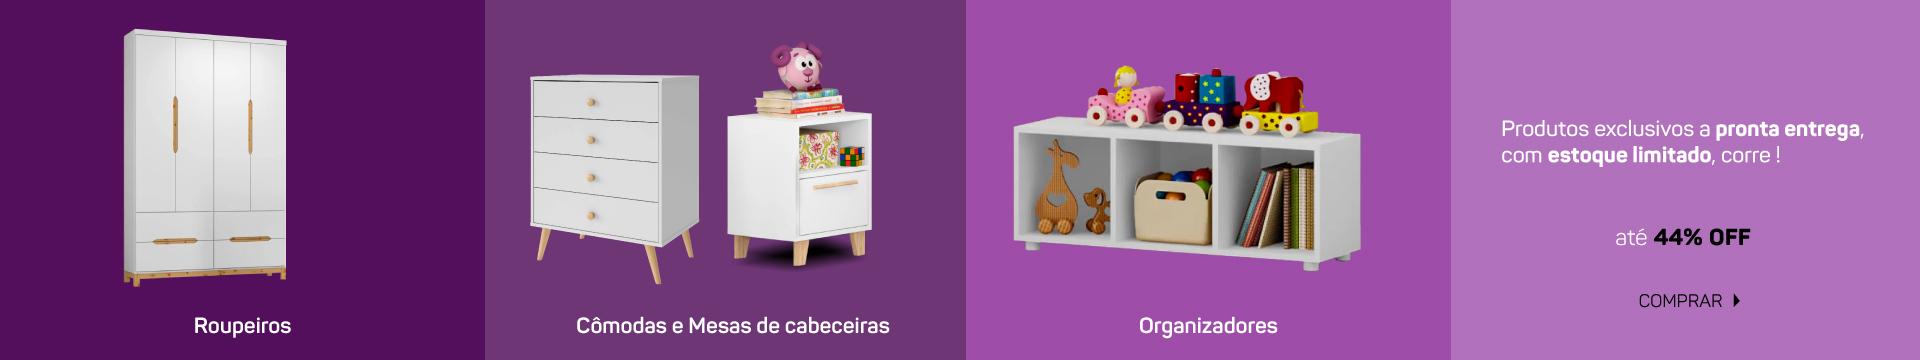 INFANTIL - roupeiros, comodas e complementos